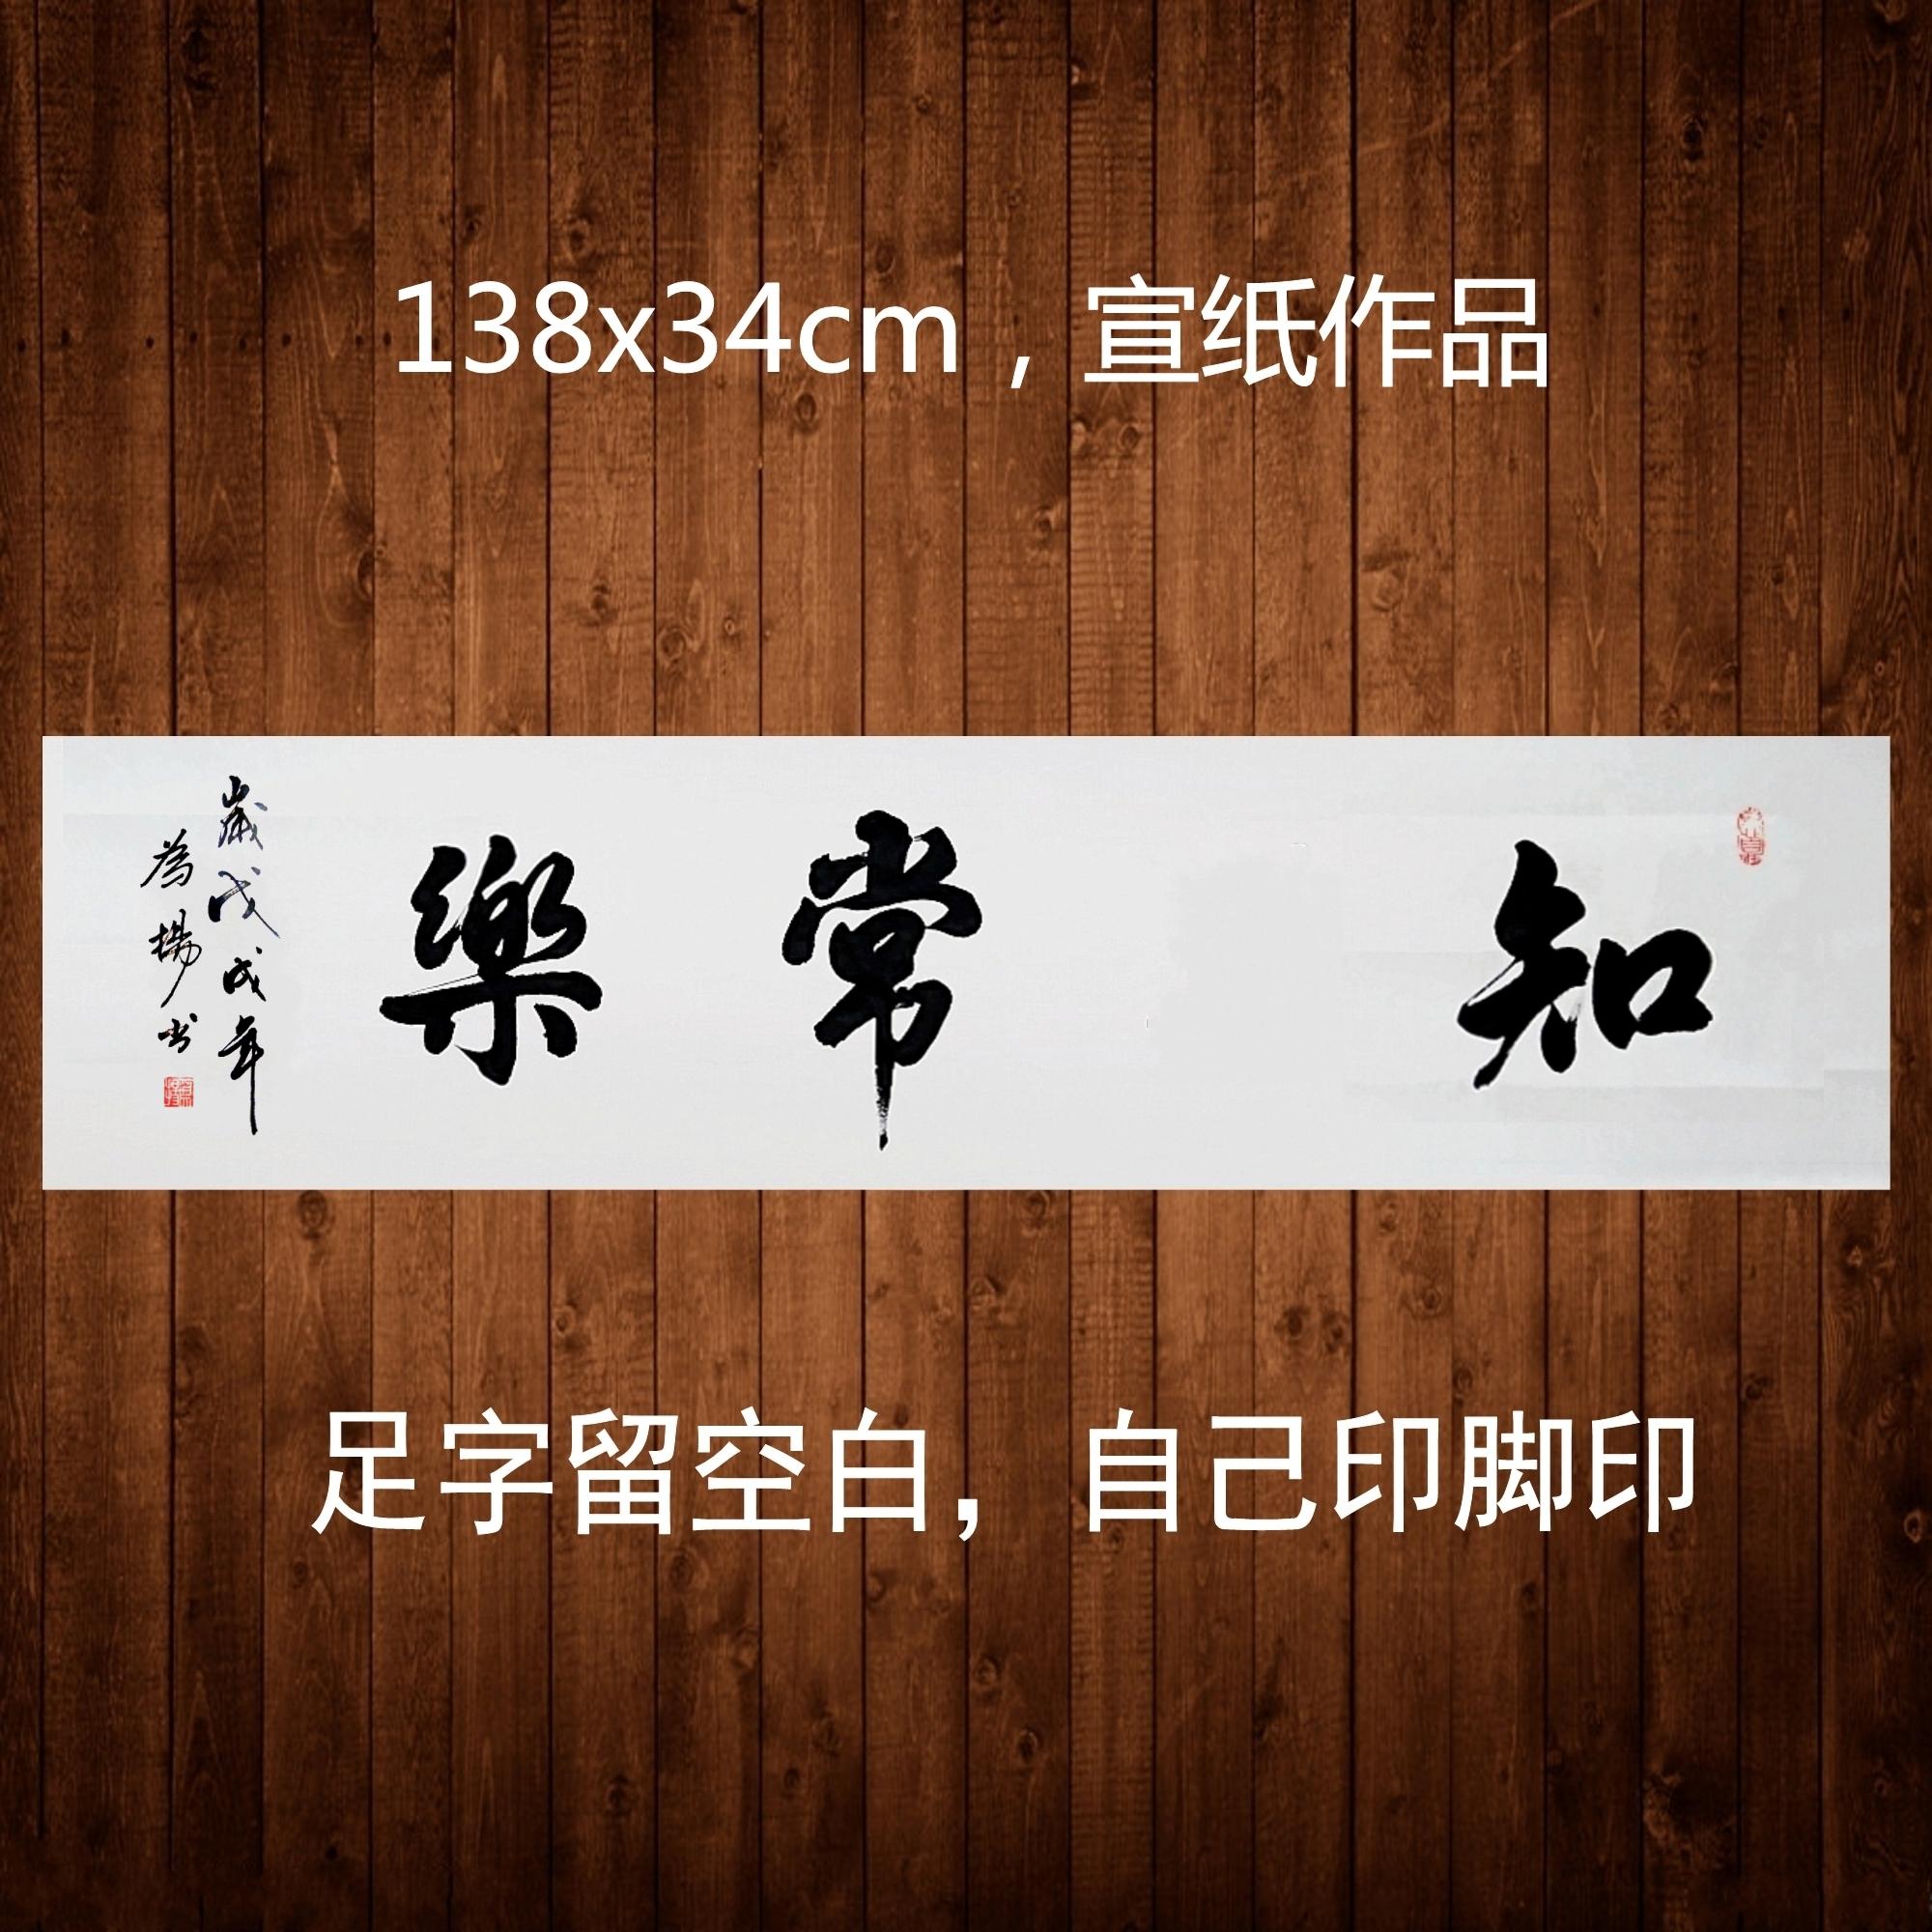 Почерк каллиграфия сделанный на заказ слово живопись китай кисть каллиграфия хорошо книга четыре правитель от каллиграфия сделанный на заказ знать достаточно часто музыка след